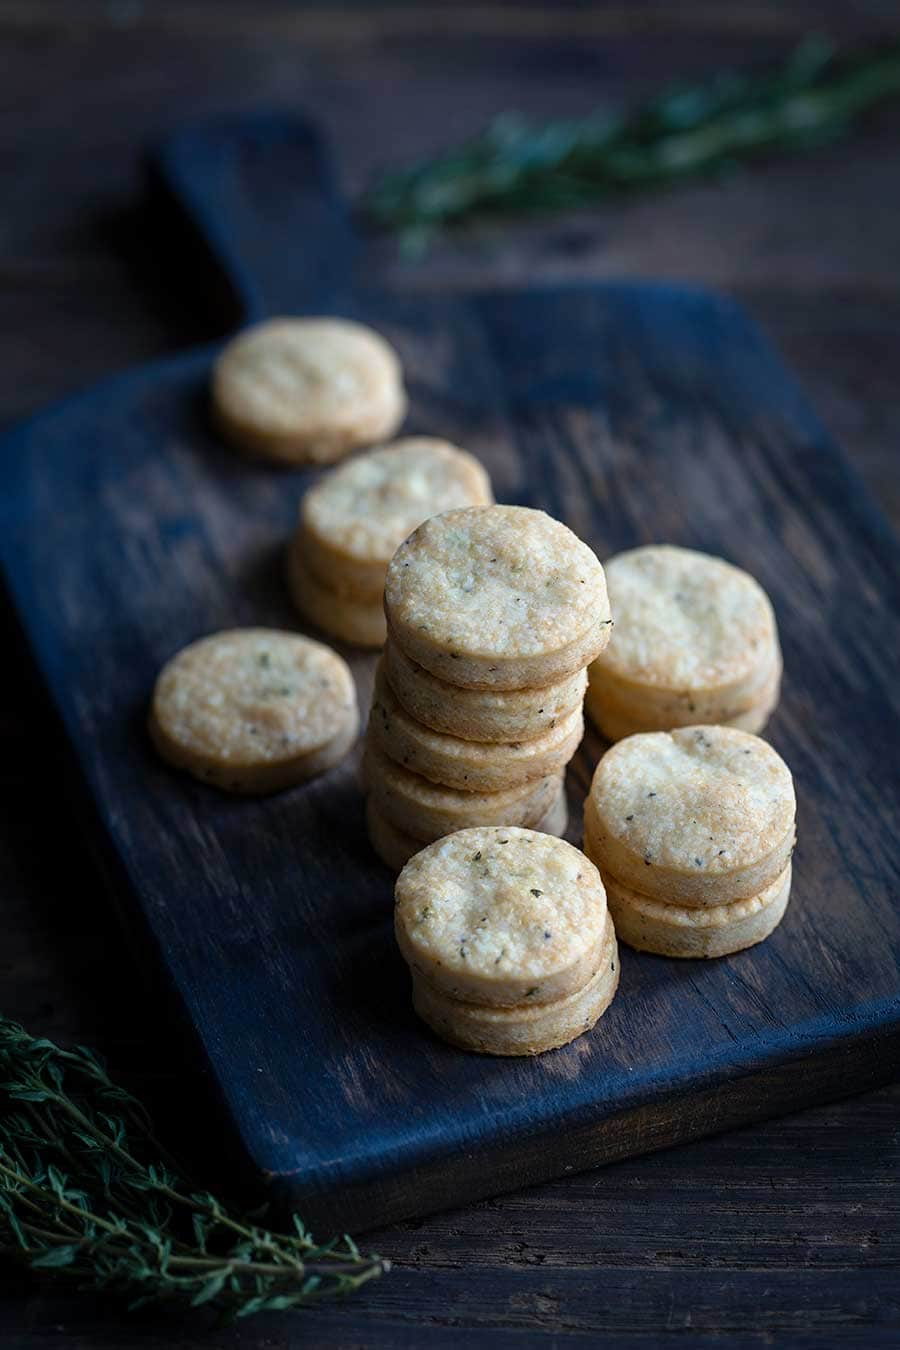 Closeup of homemade crackers recipe